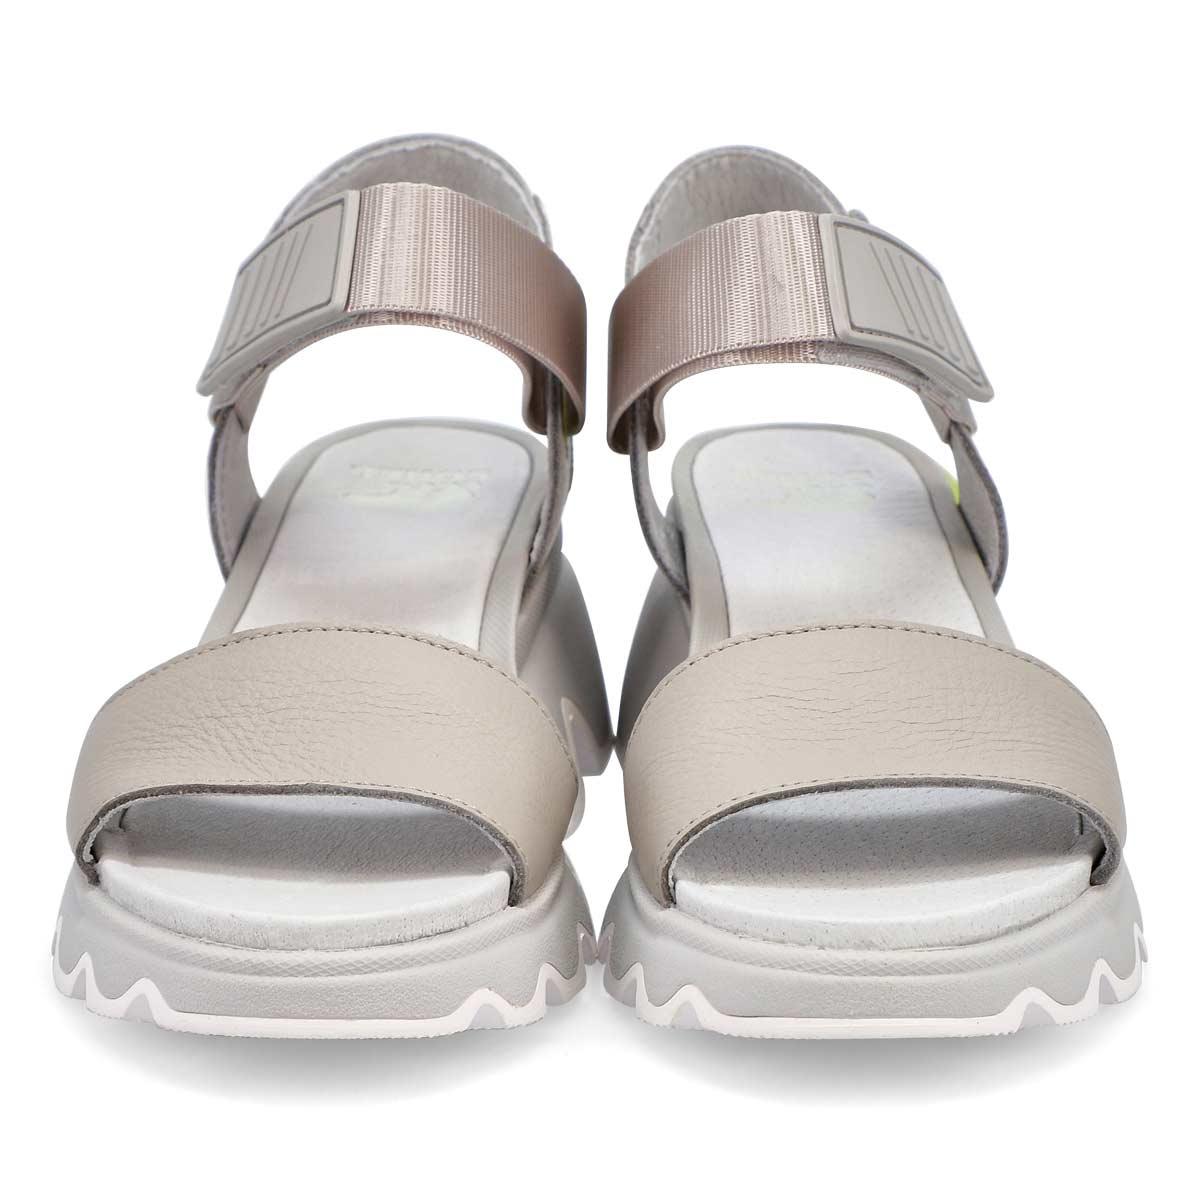 Sandale décontractée Kinetic, gris colombe, femme